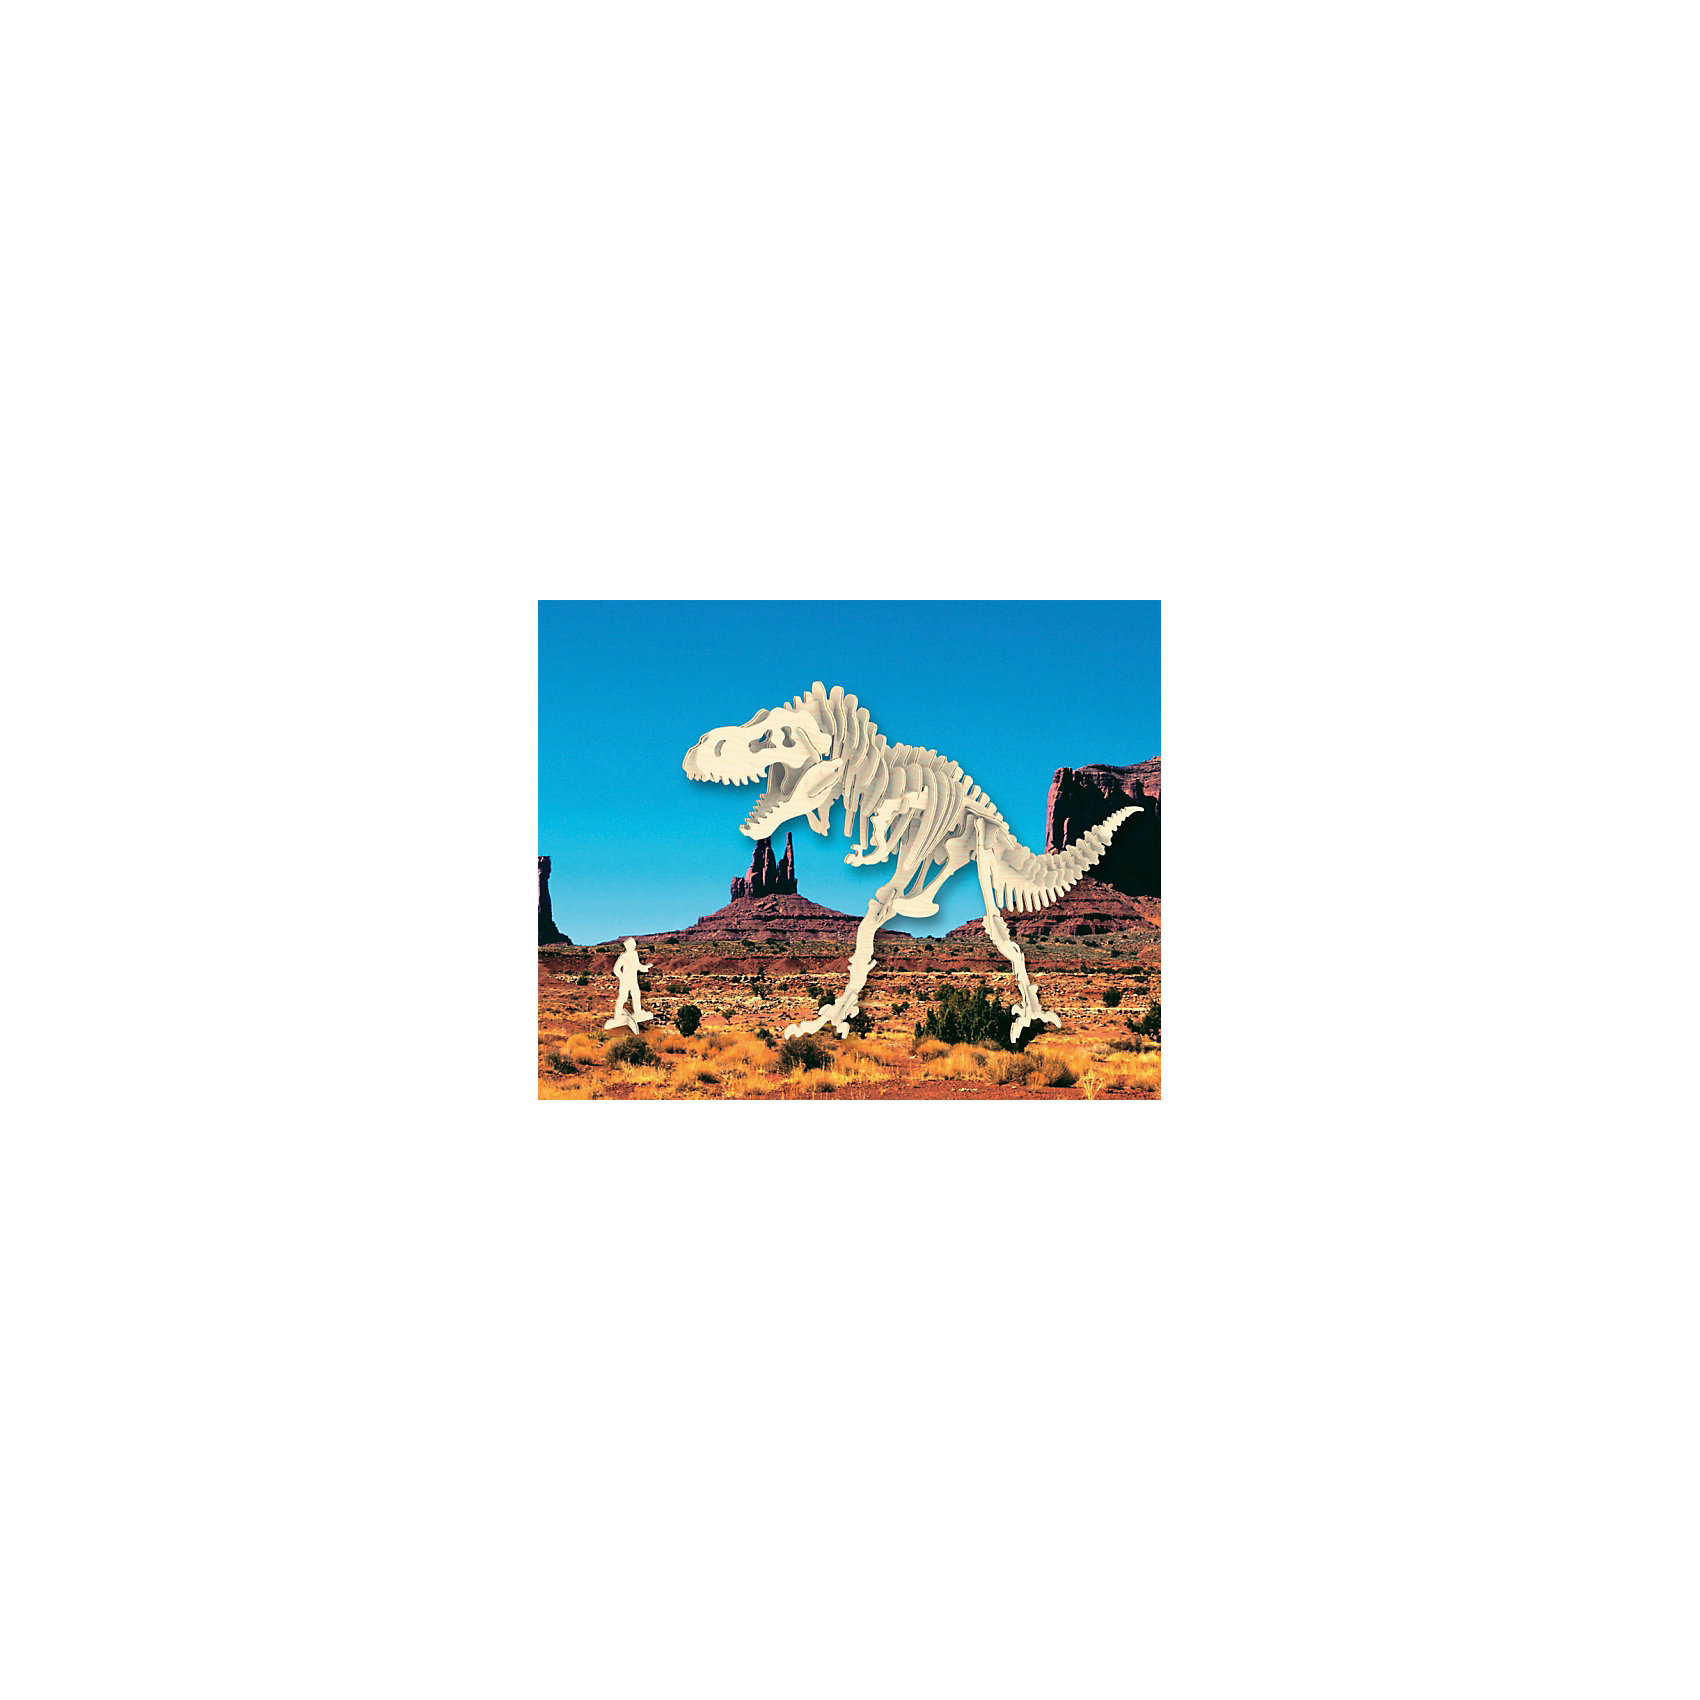 Тиранозавр (серия Ж), Мир деревянных игрушекУдачный вариант подарка для творческого ребенка - этот набор, из которого можно самому сделать красивую деревянную фигуру! Для этого нужно выдавить из пластины с деталями элементы для сборки и соединить их. Специально для любящих творчество и интересующихся вымершими животными были разработаны эти 3D-пазлы. Из них получаются красивые очень реалистичные фигуры, которые могут стать украшением комнаты.<br>Собирая их, ребенок будет учиться соотносить фигуры, развивать пространственное мышление, память и мелкую моторику. А раскрашивая готовое произведение, дети научатся подбирать цвета и будут развивать художественные навыки. Этот набор произведен из качественных и безопасных для детей материалов - дерево тщательно обработано.<br><br>Дополнительная информация:<br><br>материал: дерево;<br>цвет: бежевый;<br>элементы: пластины с деталями для сборки;<br>размер упаковки: 23 х 18 см.<br><br>3D-пазл Тиранозавр (серия Ж) от бренда Мир деревянных игрушек можно купить в нашем магазине.<br><br>Ширина мм: 225<br>Глубина мм: 30<br>Высота мм: 180<br>Вес г: 650<br>Возраст от месяцев: 36<br>Возраст до месяцев: 144<br>Пол: Унисекс<br>Возраст: Детский<br>SKU: 4969045